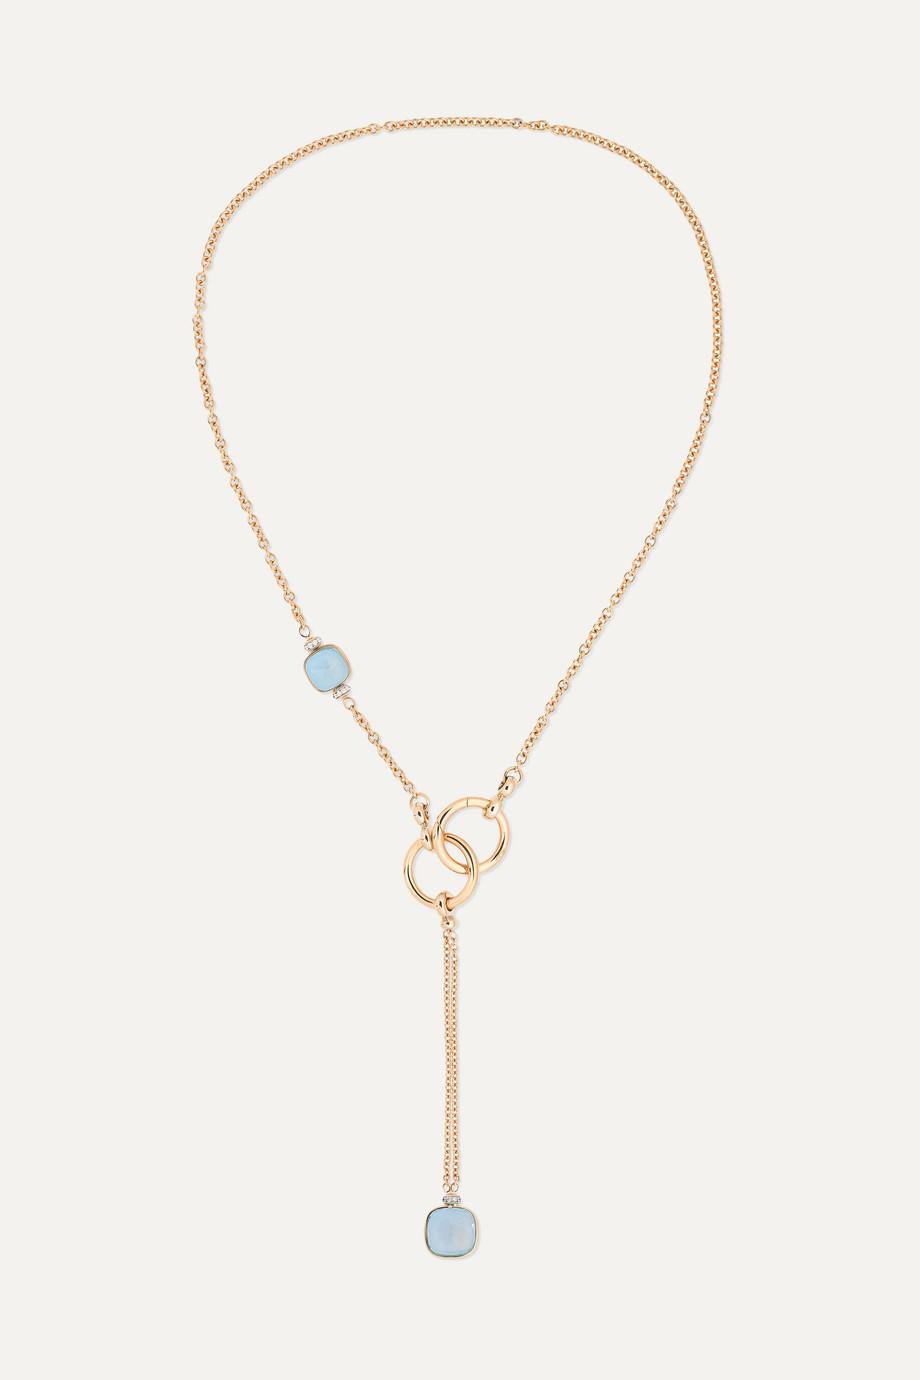 Pomellato Collier en or blanc et rose 18 carats, topazes et diamants Nudo